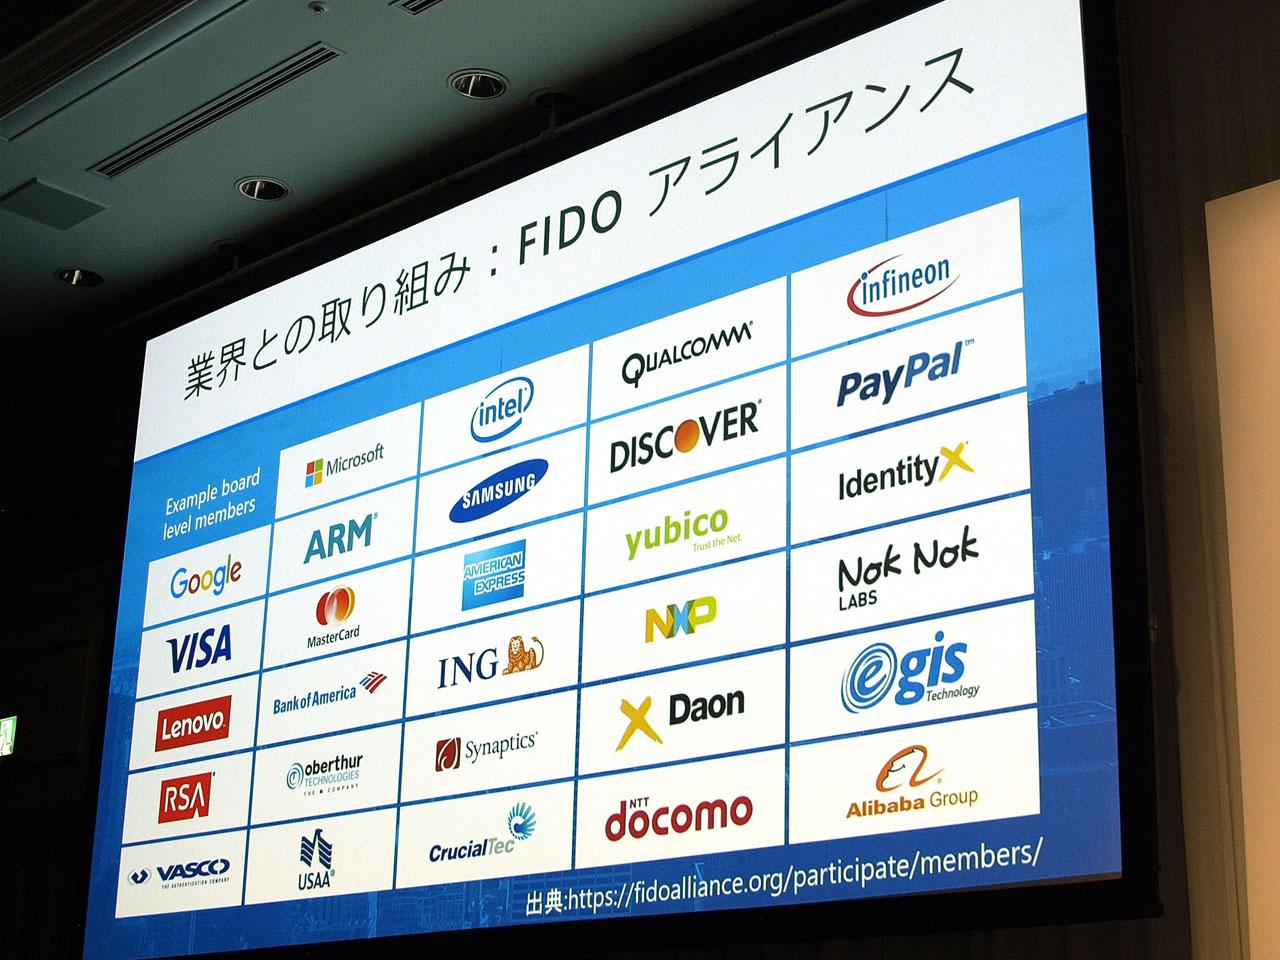 Microsoftは、パスワード認証に代わる新たなオンライン認証のための技術仕様の標準化を提唱する国際的な非営利団体であるFIDO Allianceのボードメンバーでもある